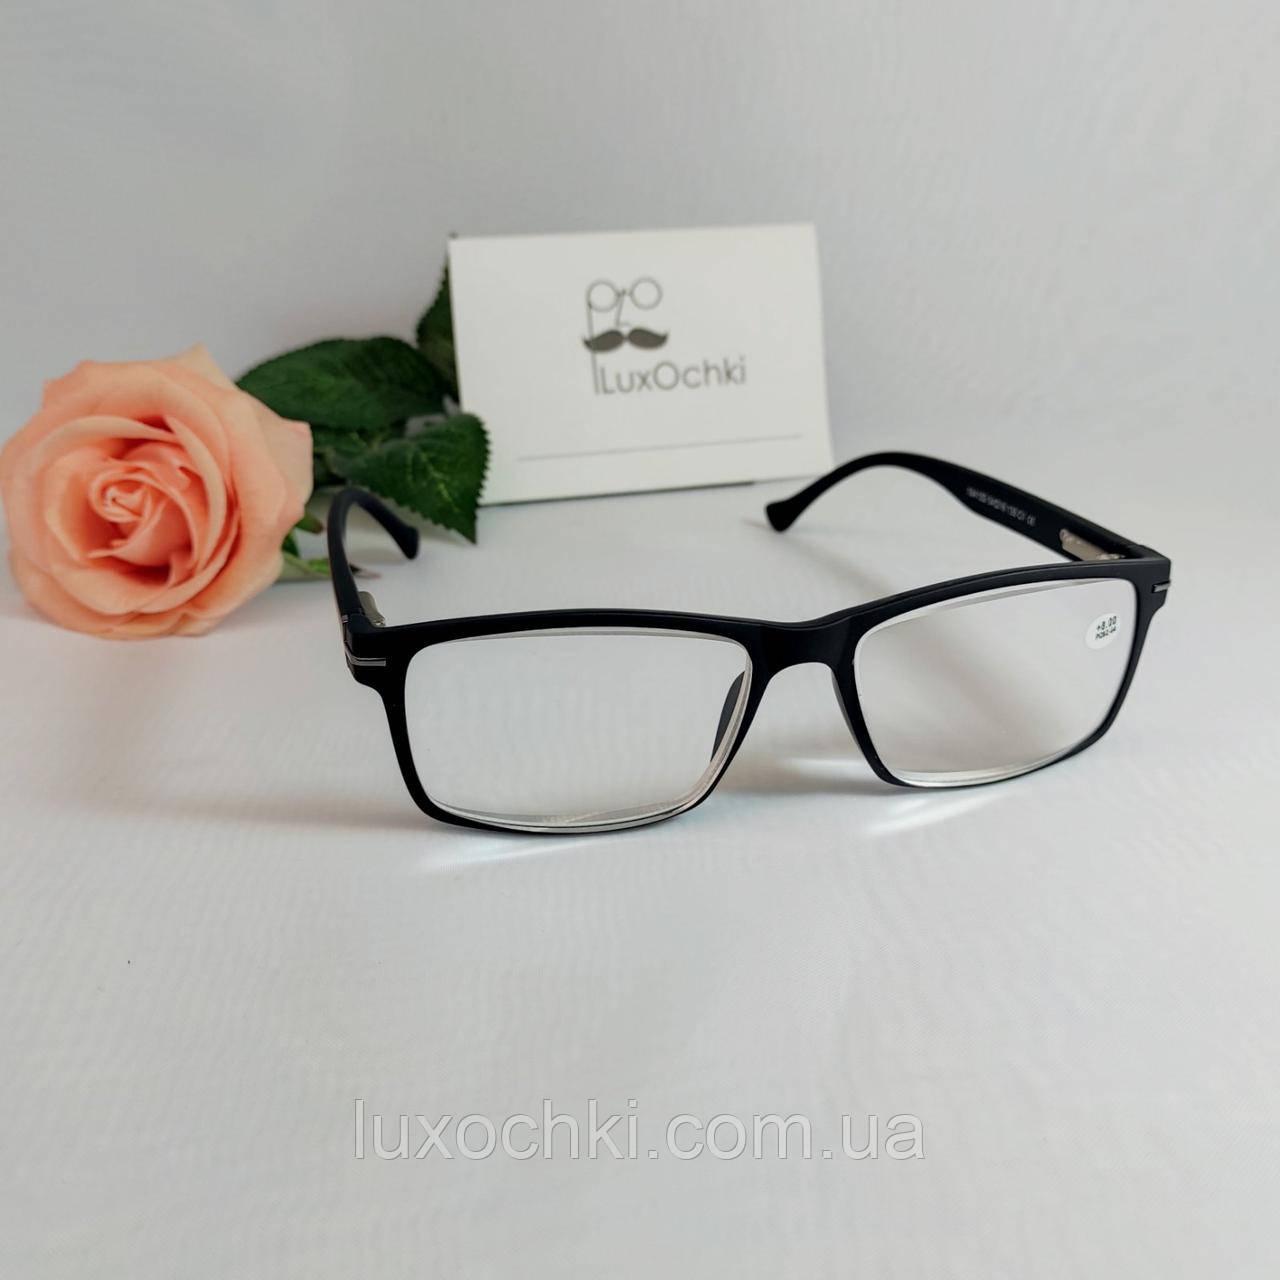 Готовые диоптрические мужские очки +8.0 в пластиковой оправе с флексованной дужкой